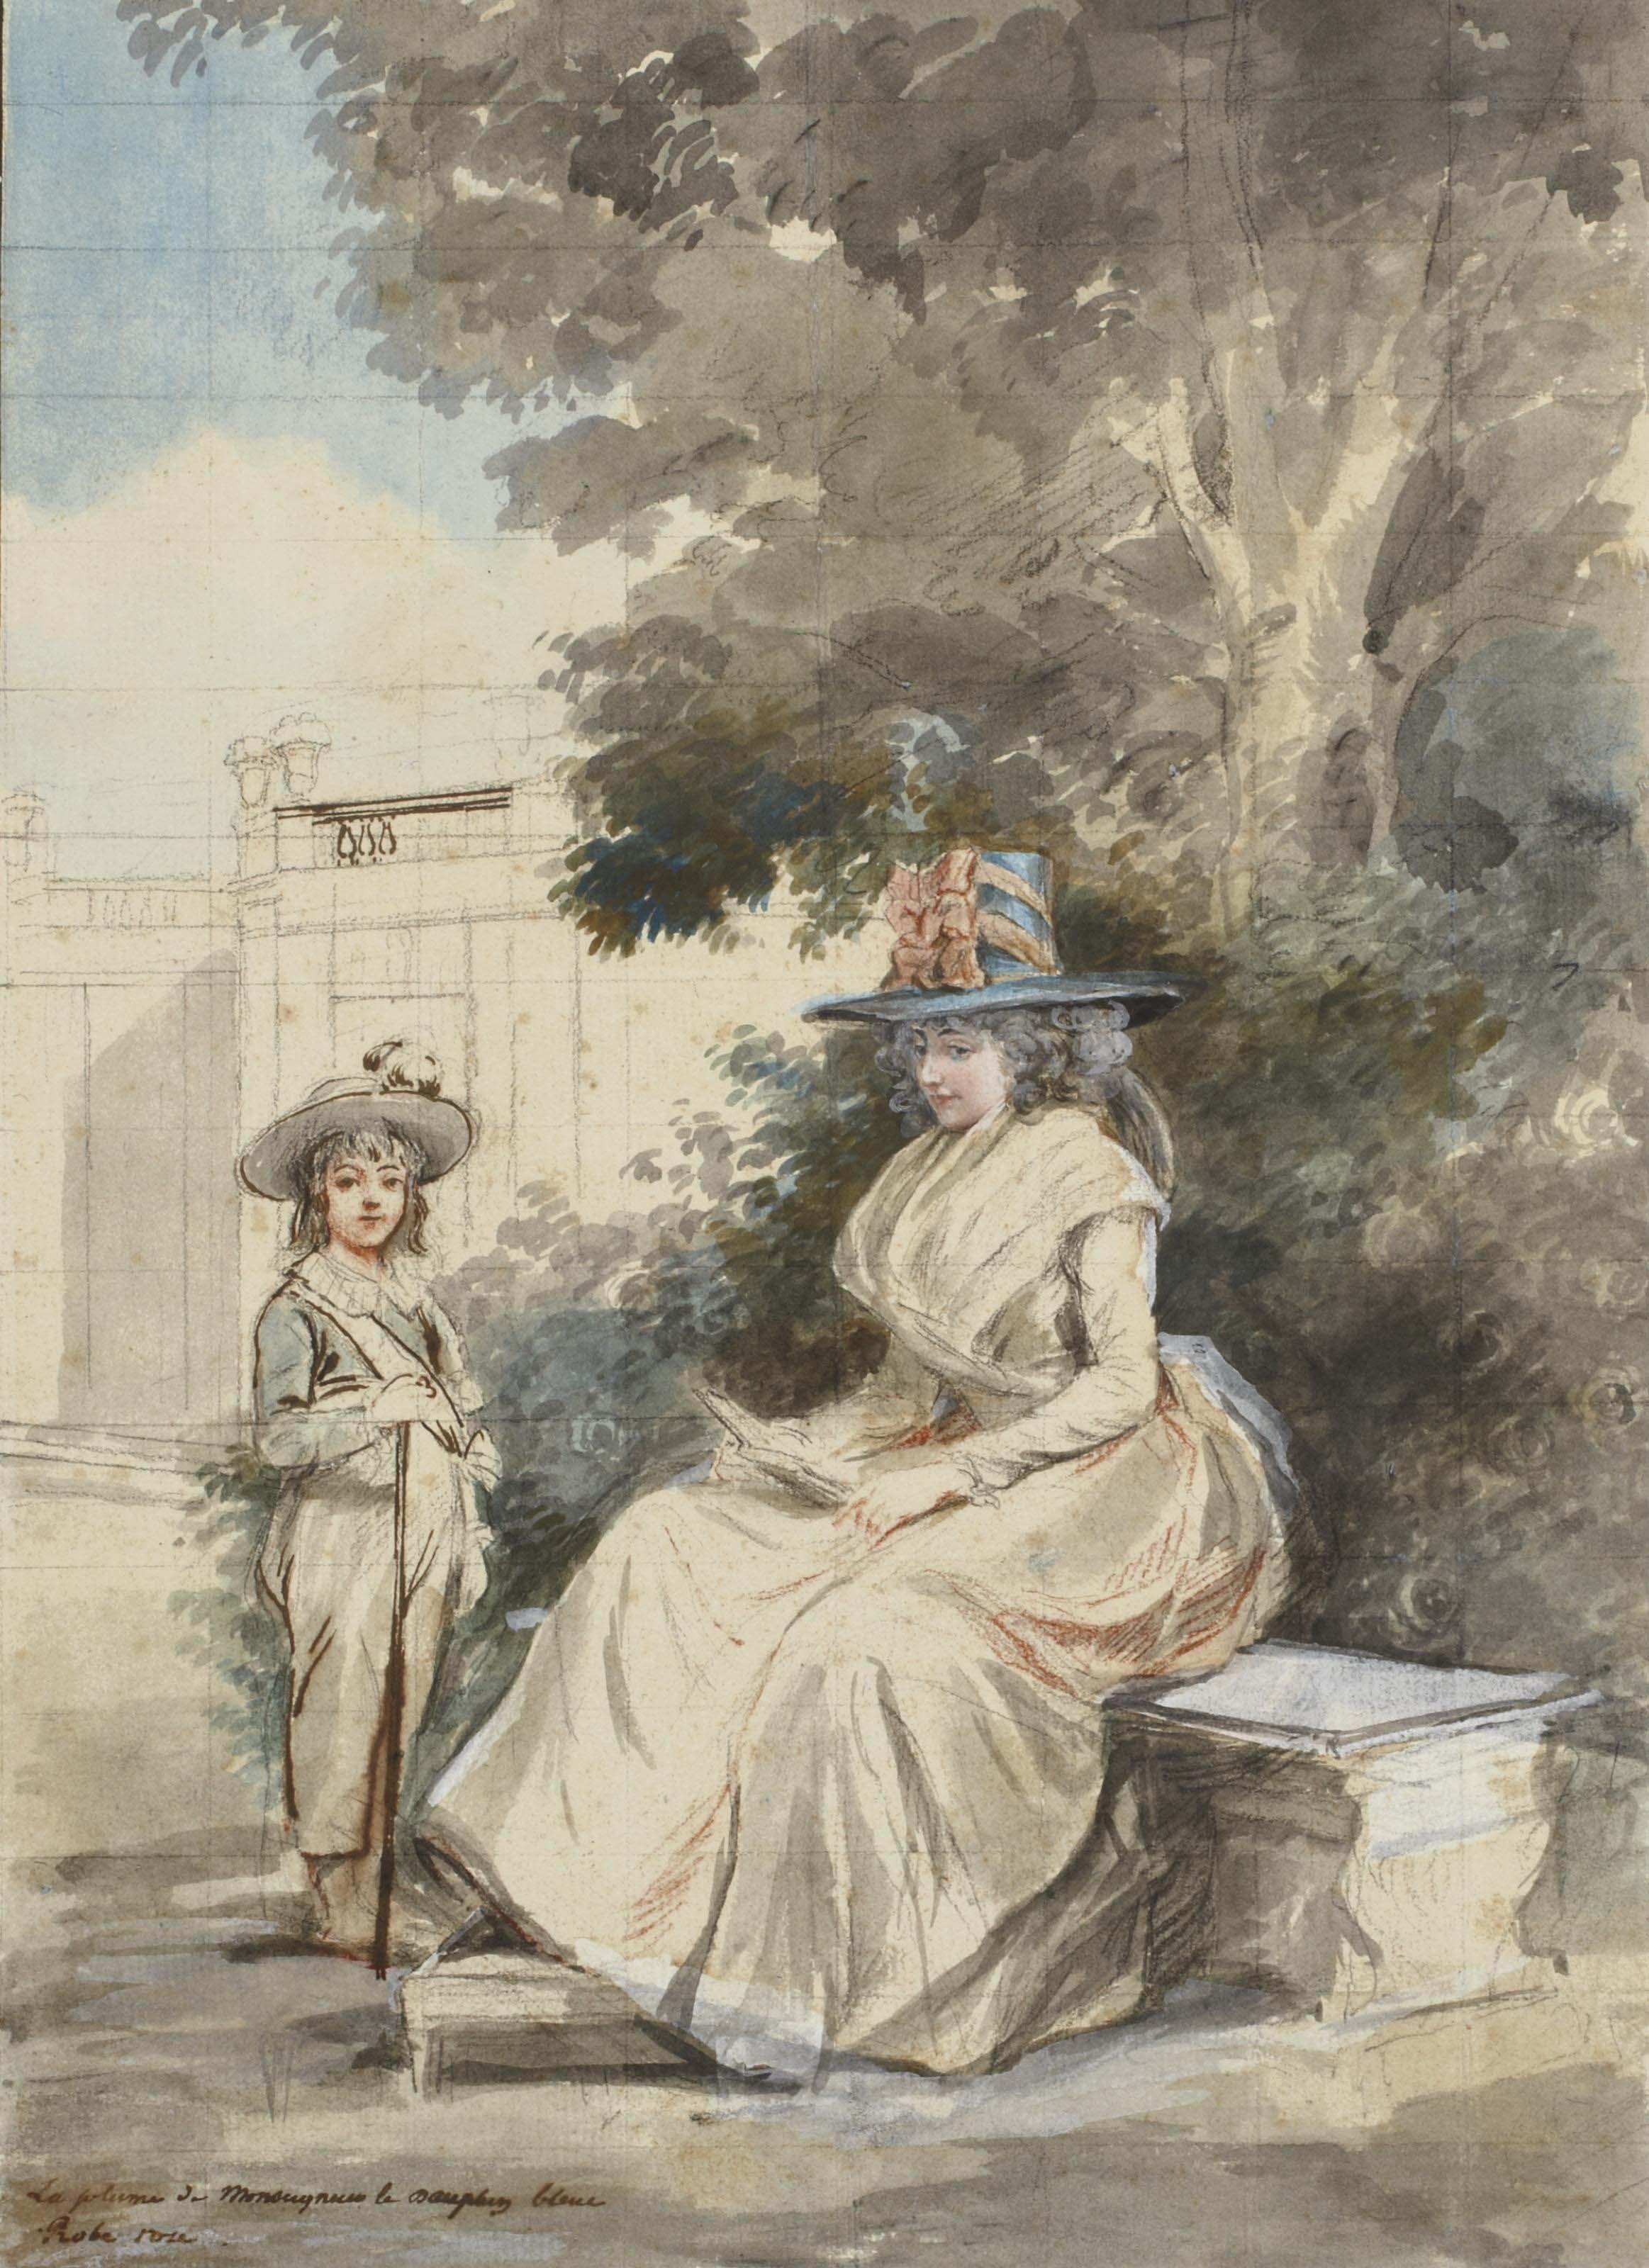 Le dauphin et Madame Elisabeth dans un parc